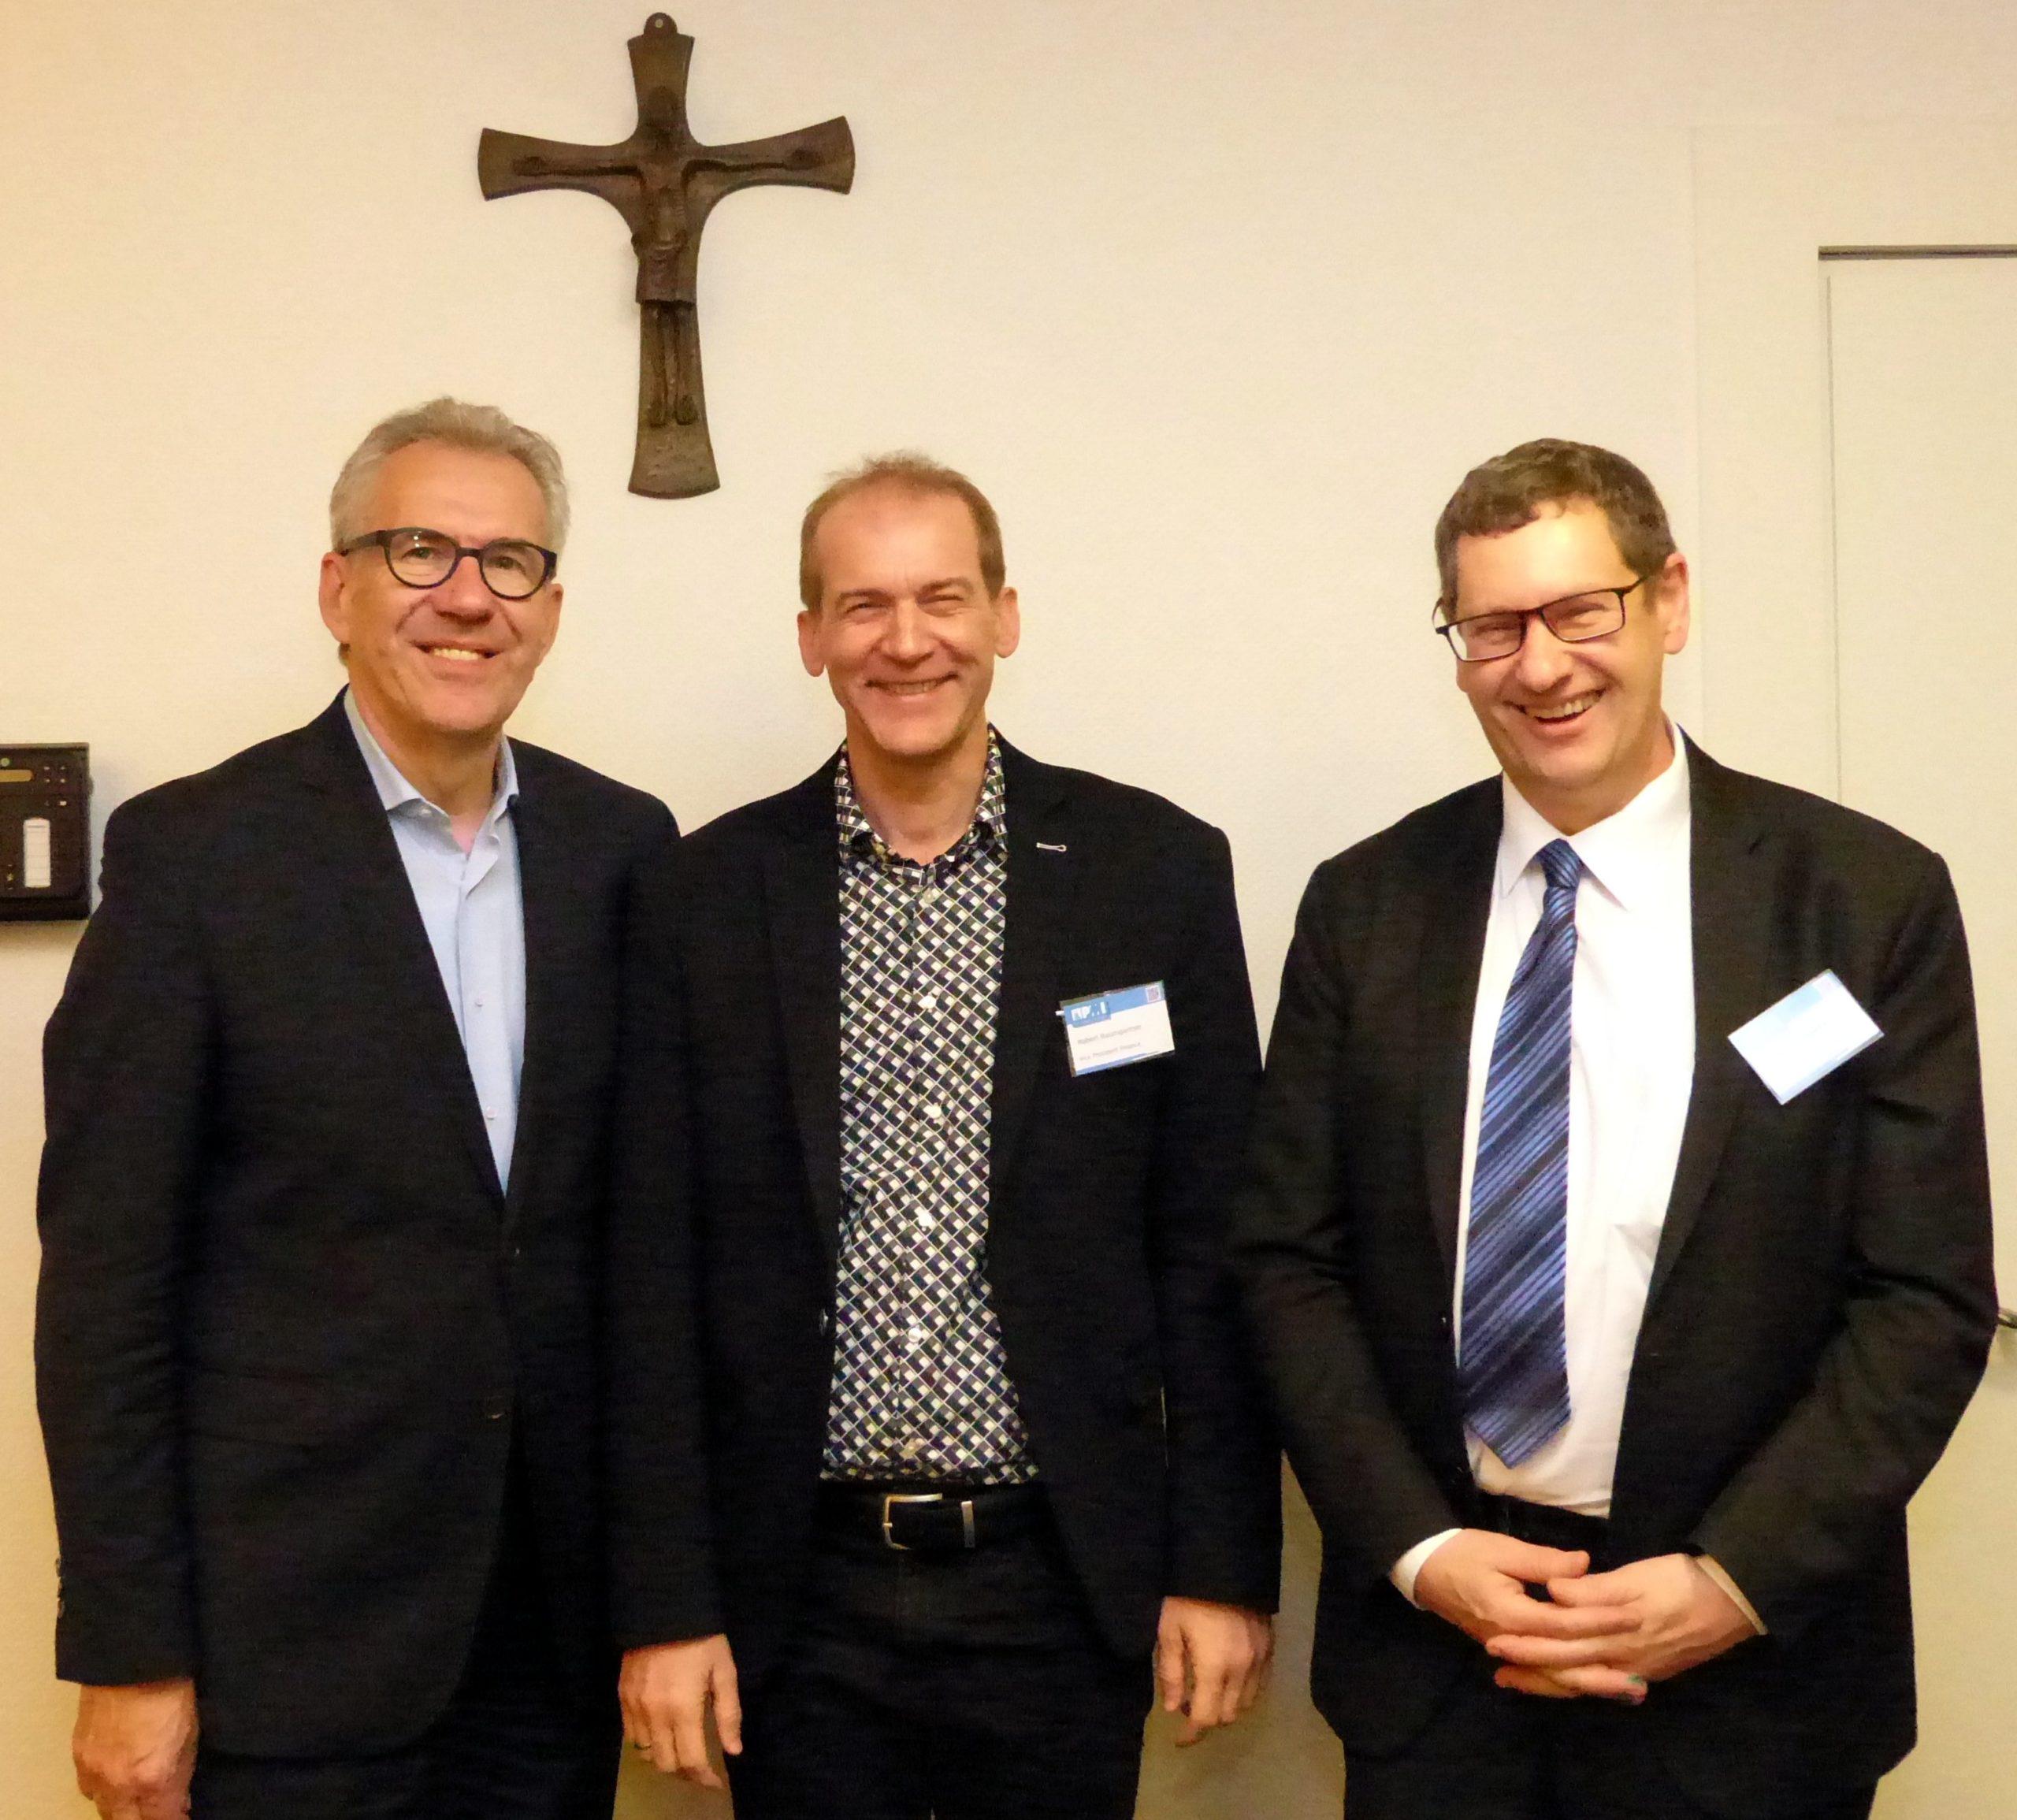 Retrospektive: 60 Jahre Brot für die Welt und 15 Jahre PMI Köln Chapter e. V. am 7. Dez. in Köln